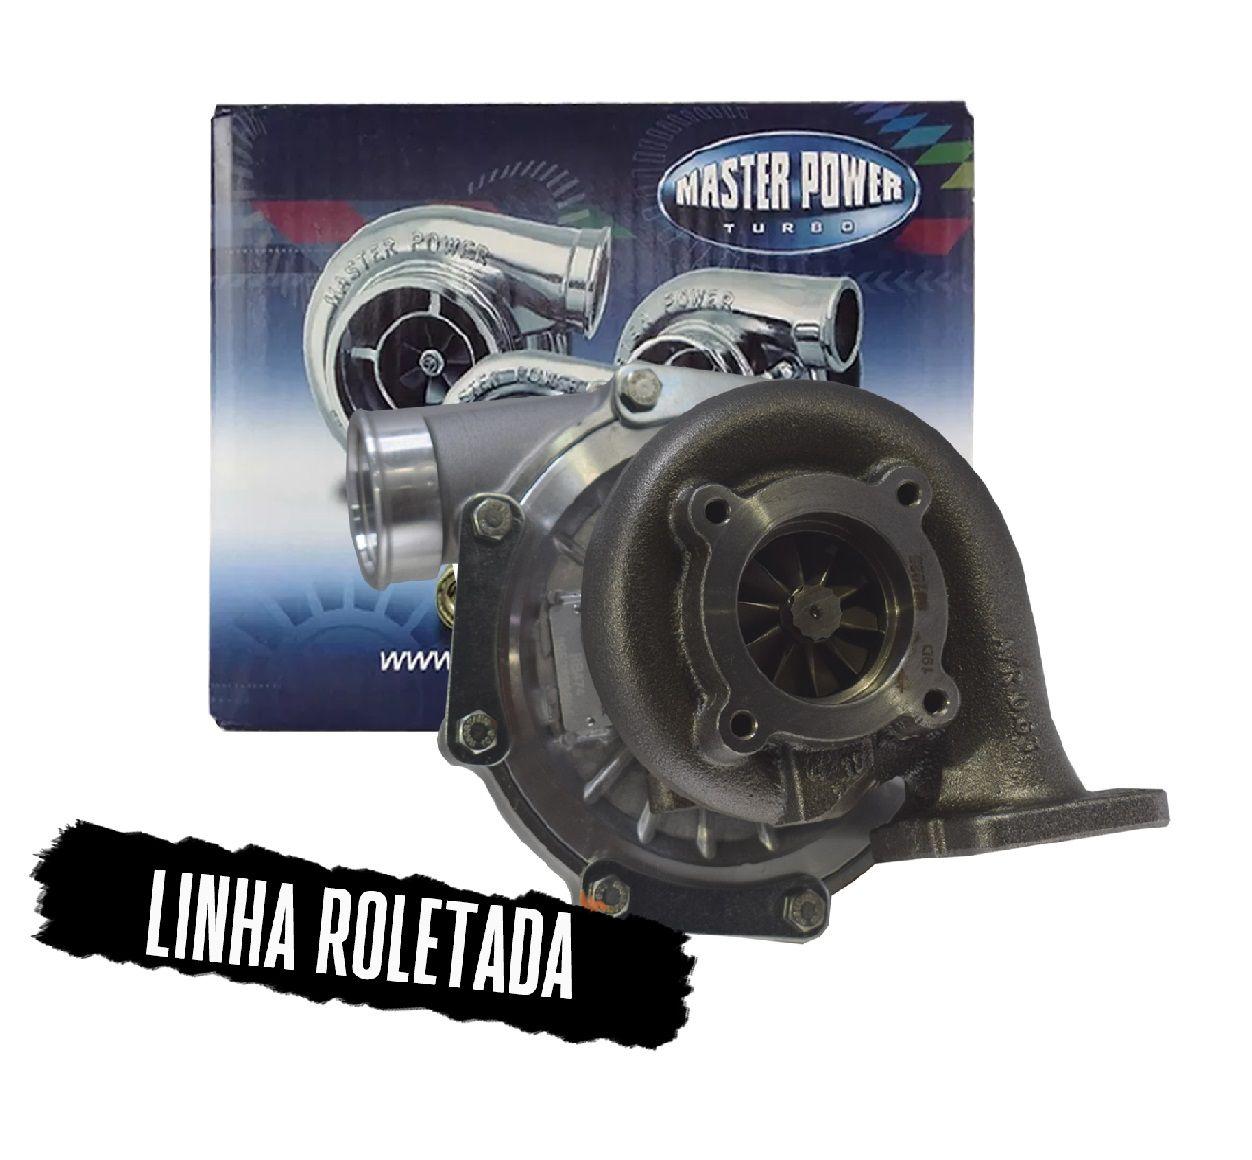 TURBINA ROLETADA / BEARING MASTER POWER - RB 474 .48 PULSATIVA